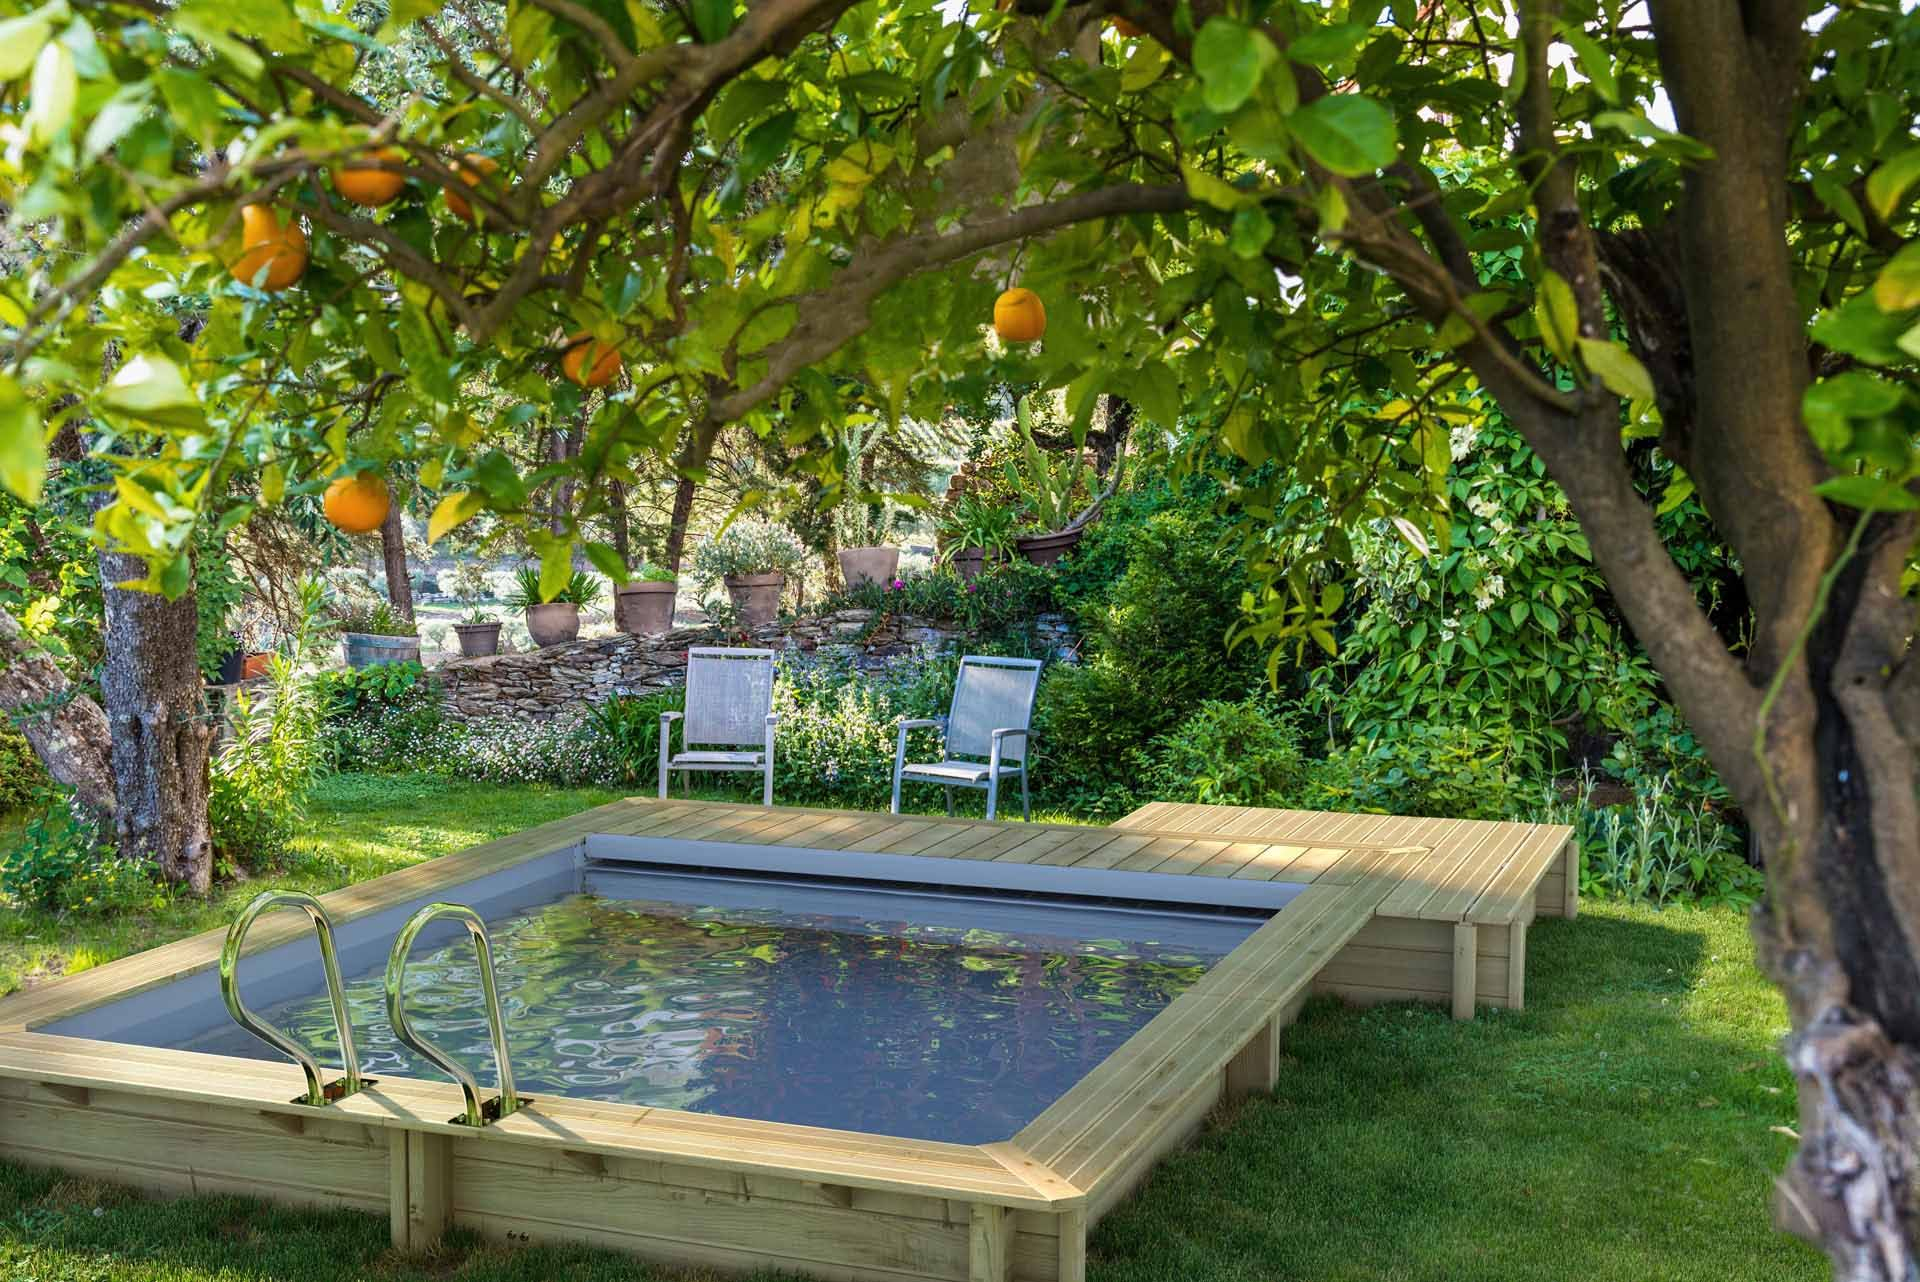 Quelle Piscine Choisir En Fonction De La Surface Du Jardin ... dedans Quelle Piscine Choisir